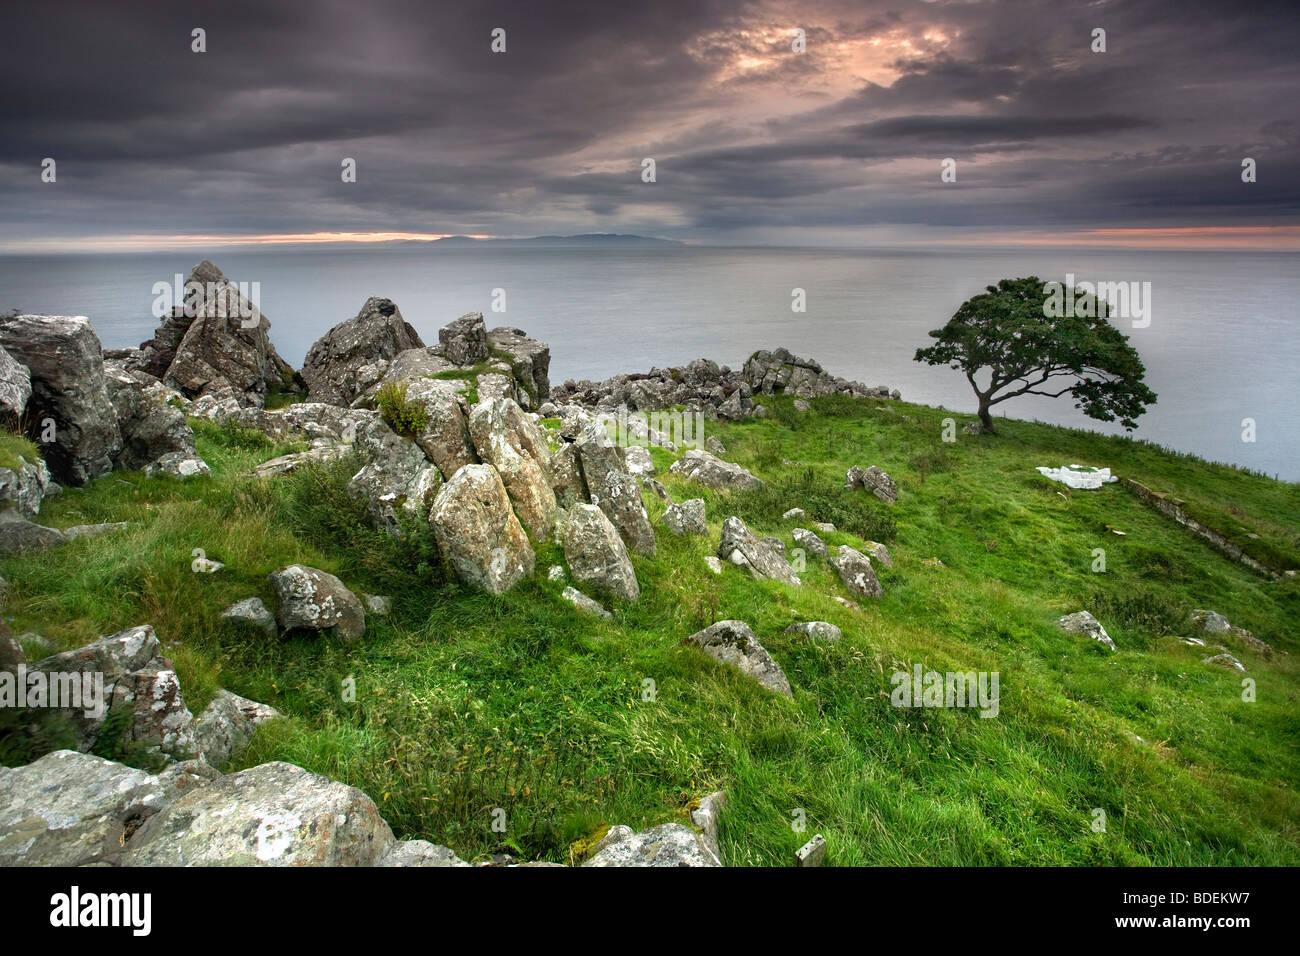 Murlough Bay al crepuscolo, Co Antrim, Irlanda del Nord. Immagini Stock